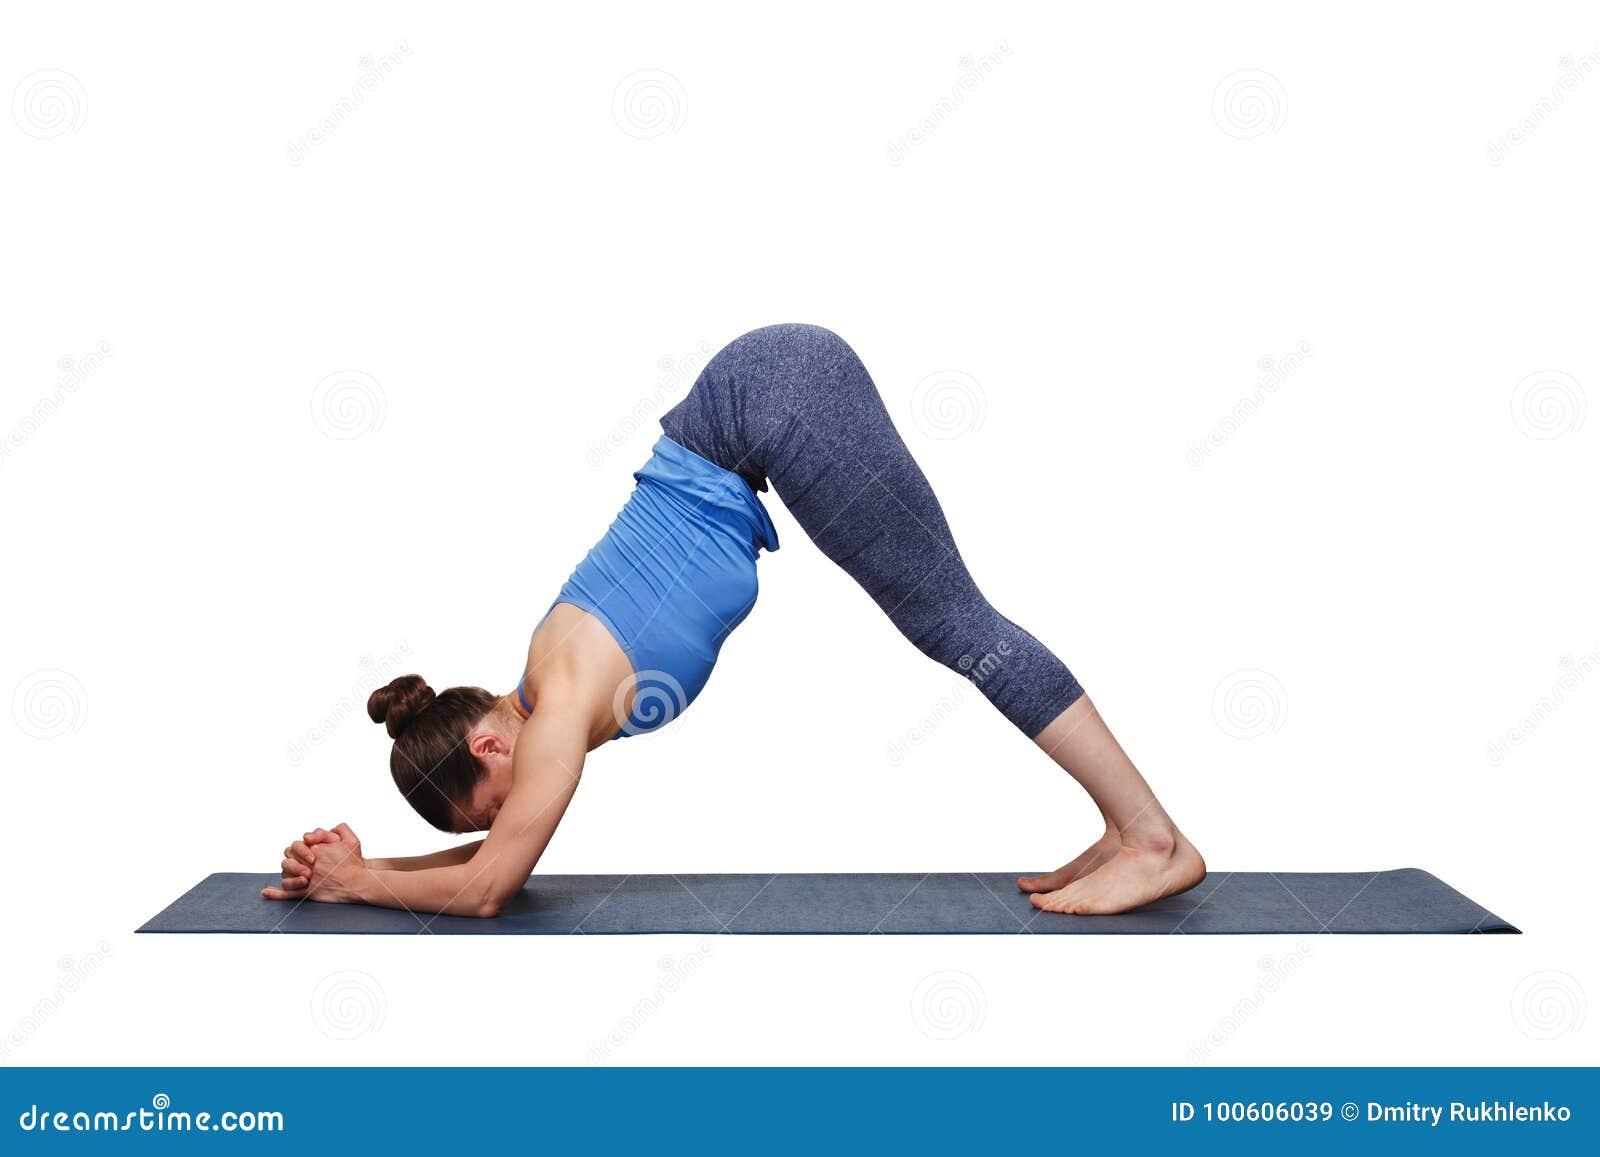 Woman Doing Hatha Yoga Surya Namaskar Sun Salutation Asana Adhomukha Svanasana Variation